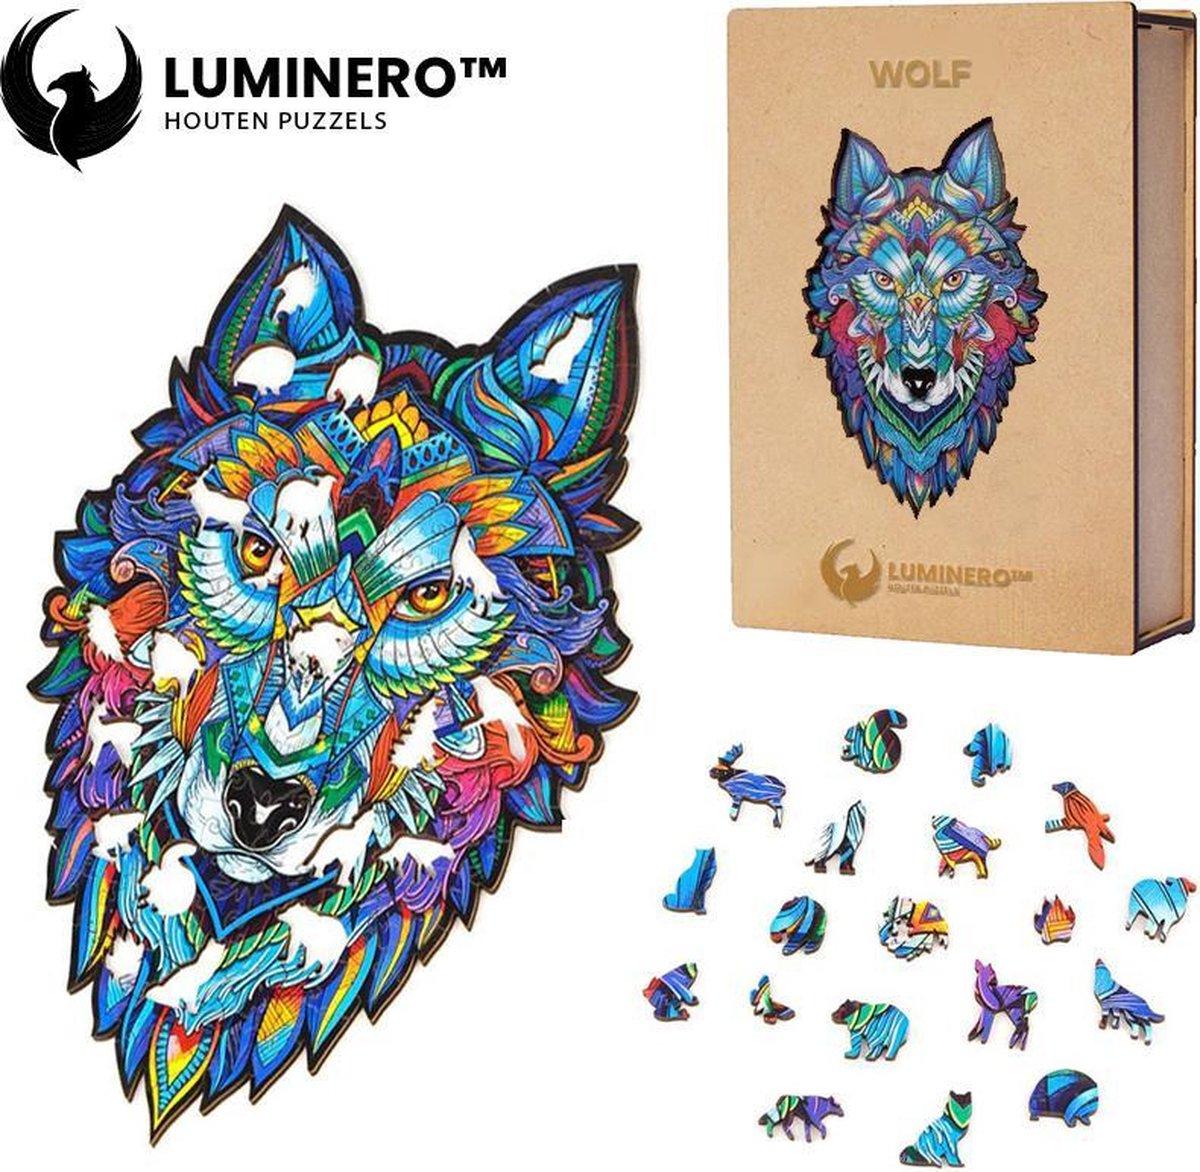 Luminero™ Houten Wolf Jigsaw Puzzel - A5 Formaat Jigsaw - Unieke 3D Puzzels - Huisdecoratie - Wooden Puzzle - Volwassenen & Kinderen - Incl. Houten Doos